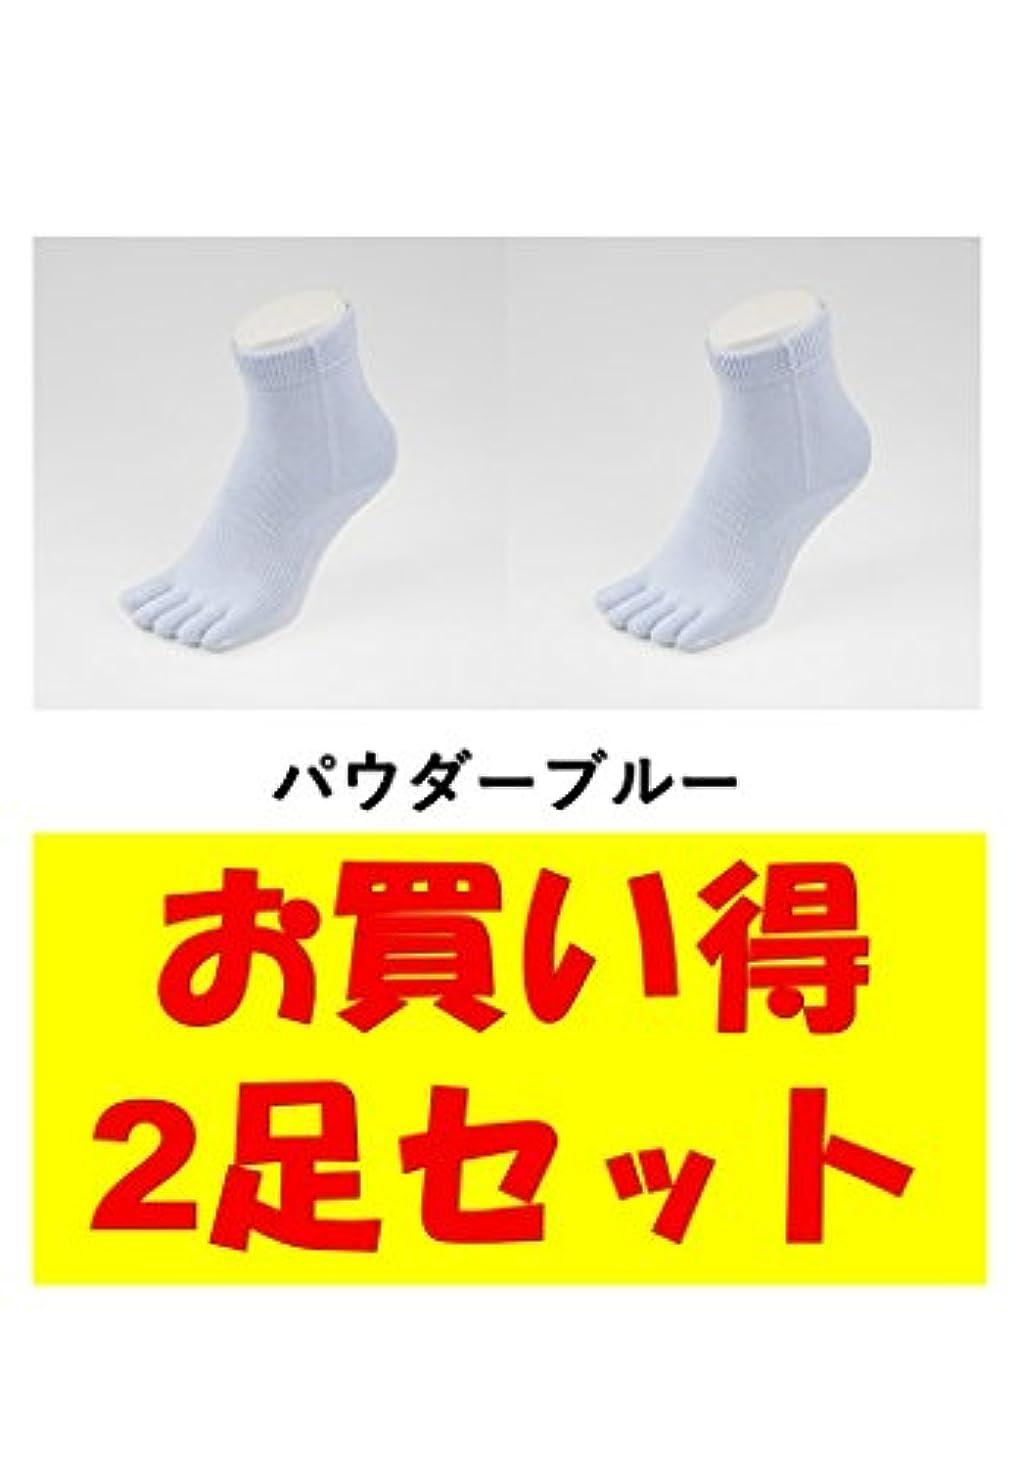 信頼性アルカイックダンプお買い得2足セット 5本指 ゆびのばソックス Neo EVE(イヴ) パウダーブルー iサイズ(23.5cm - 25.5cm) YSNEVE-PBL